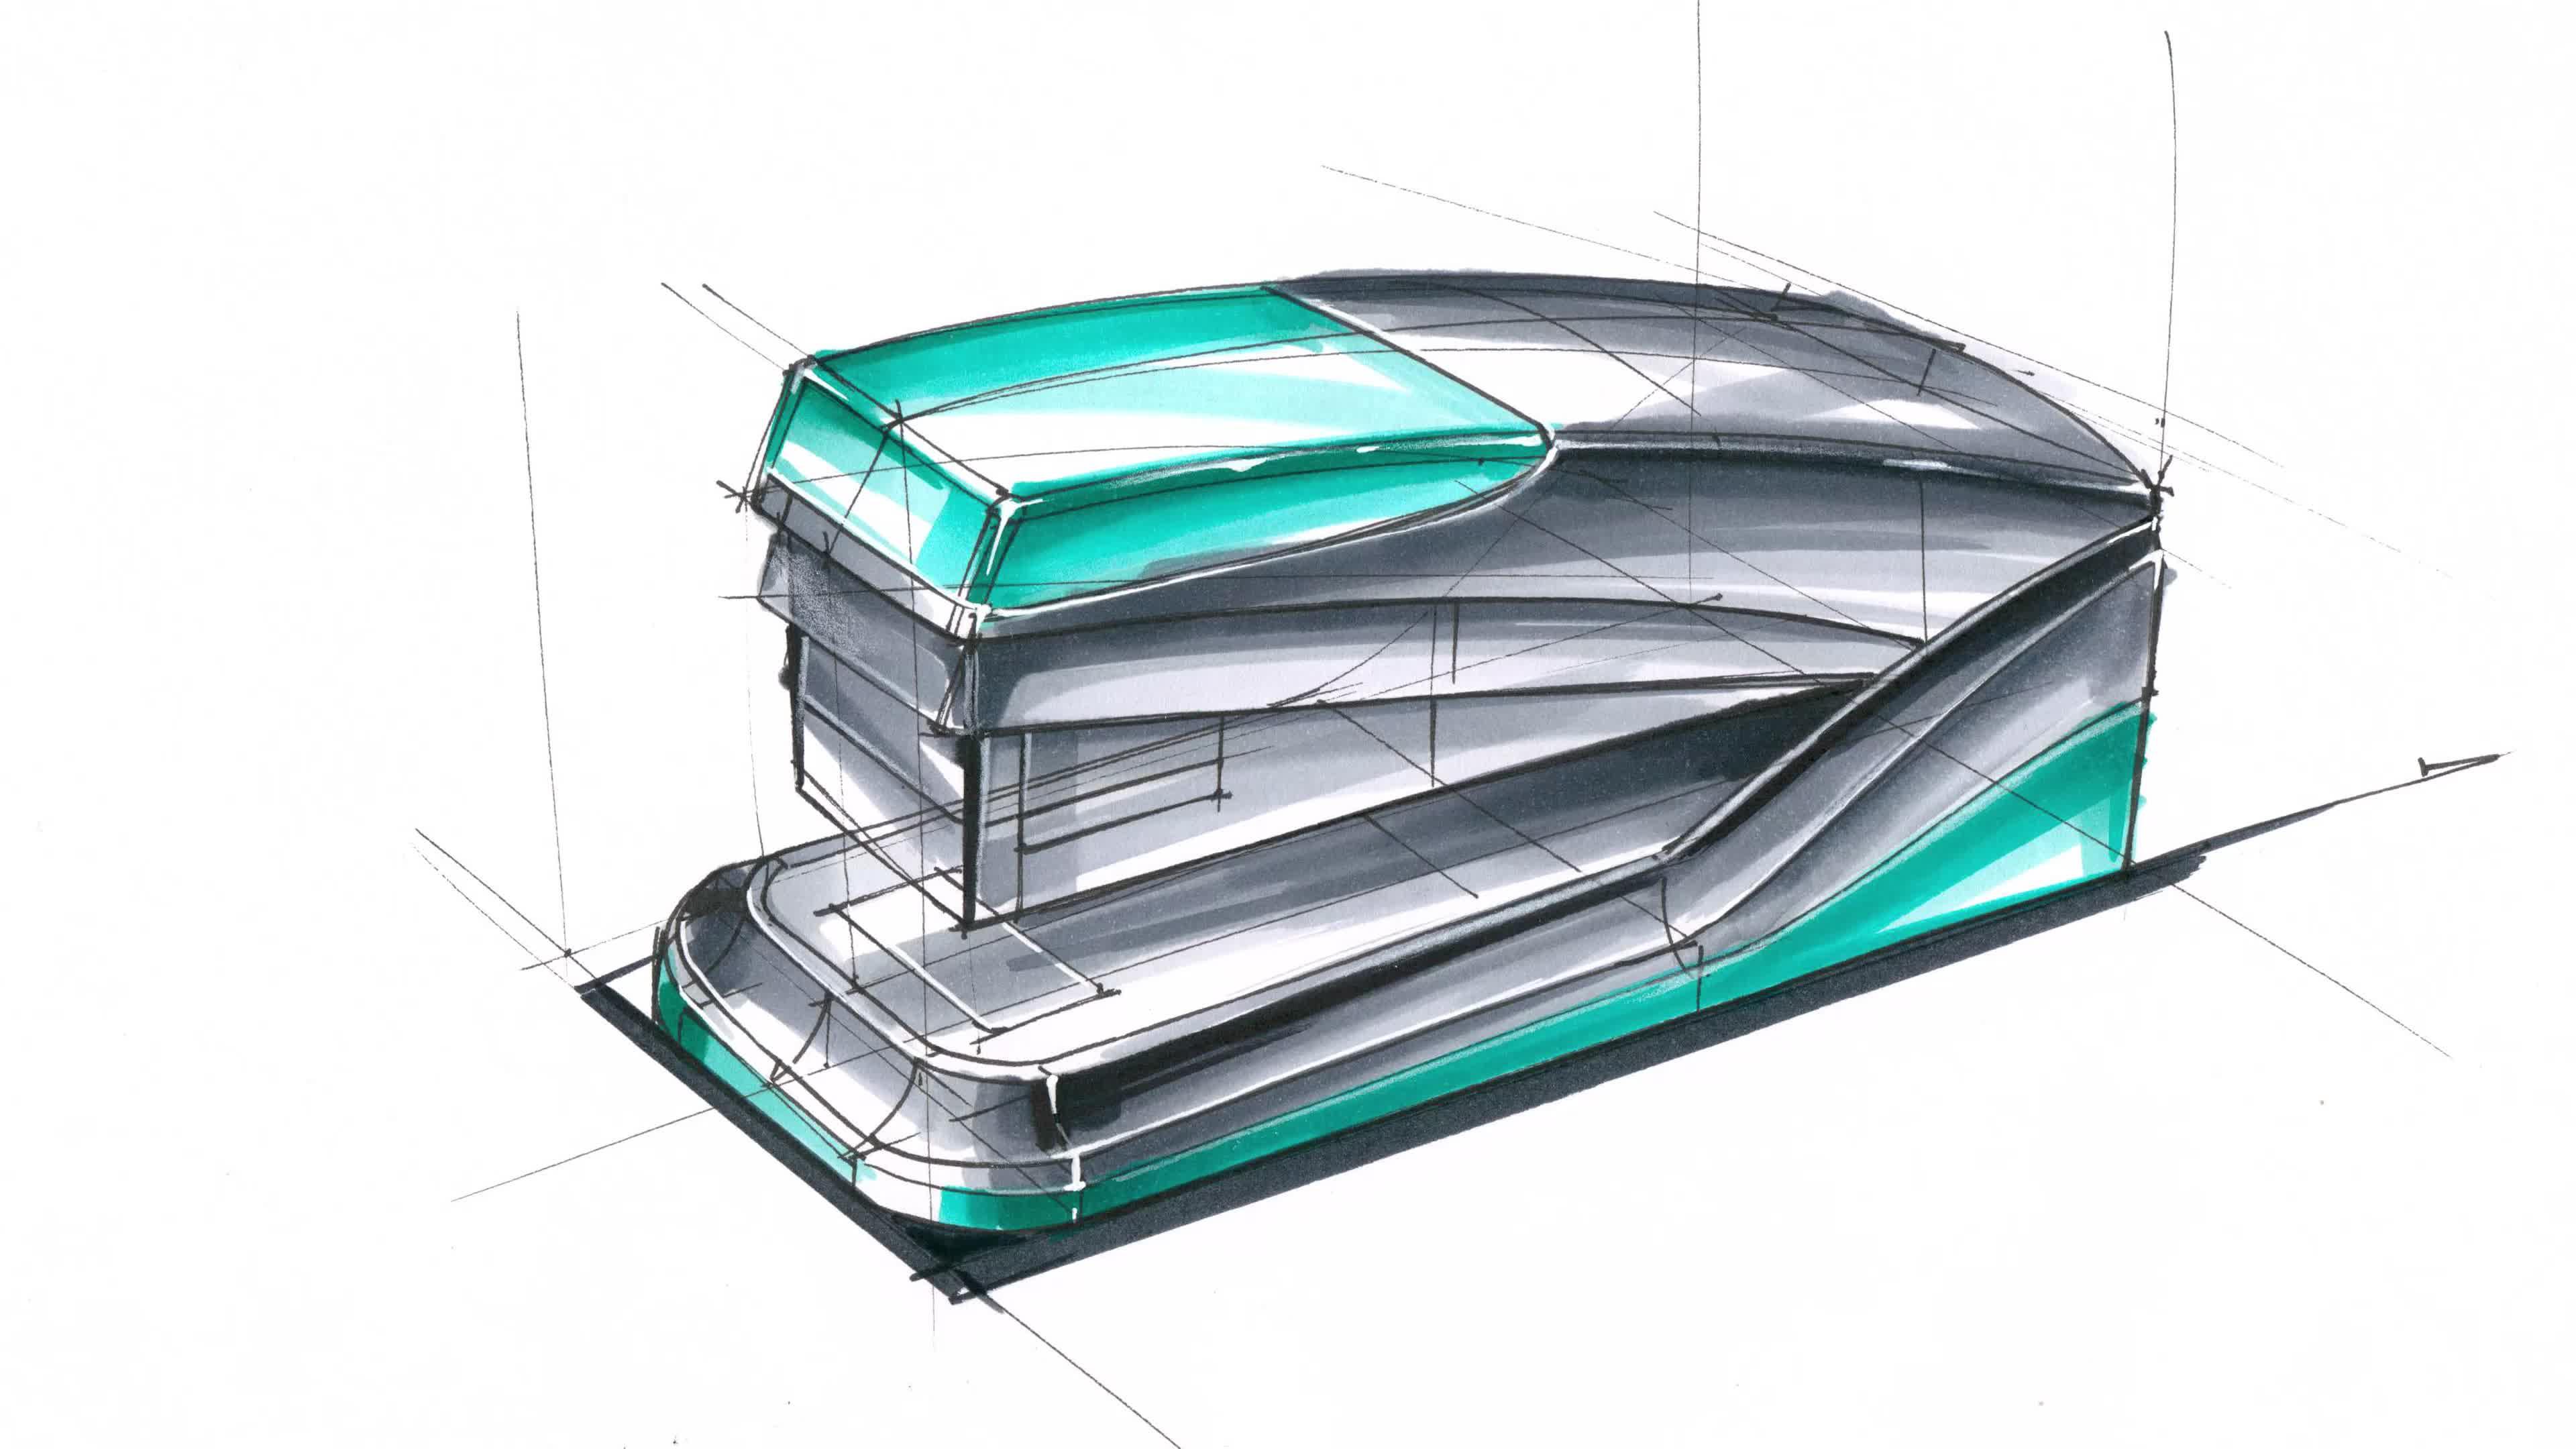 「远川绘工业设计考研」工业设计手绘-马克笔表达-产品设计手绘图片